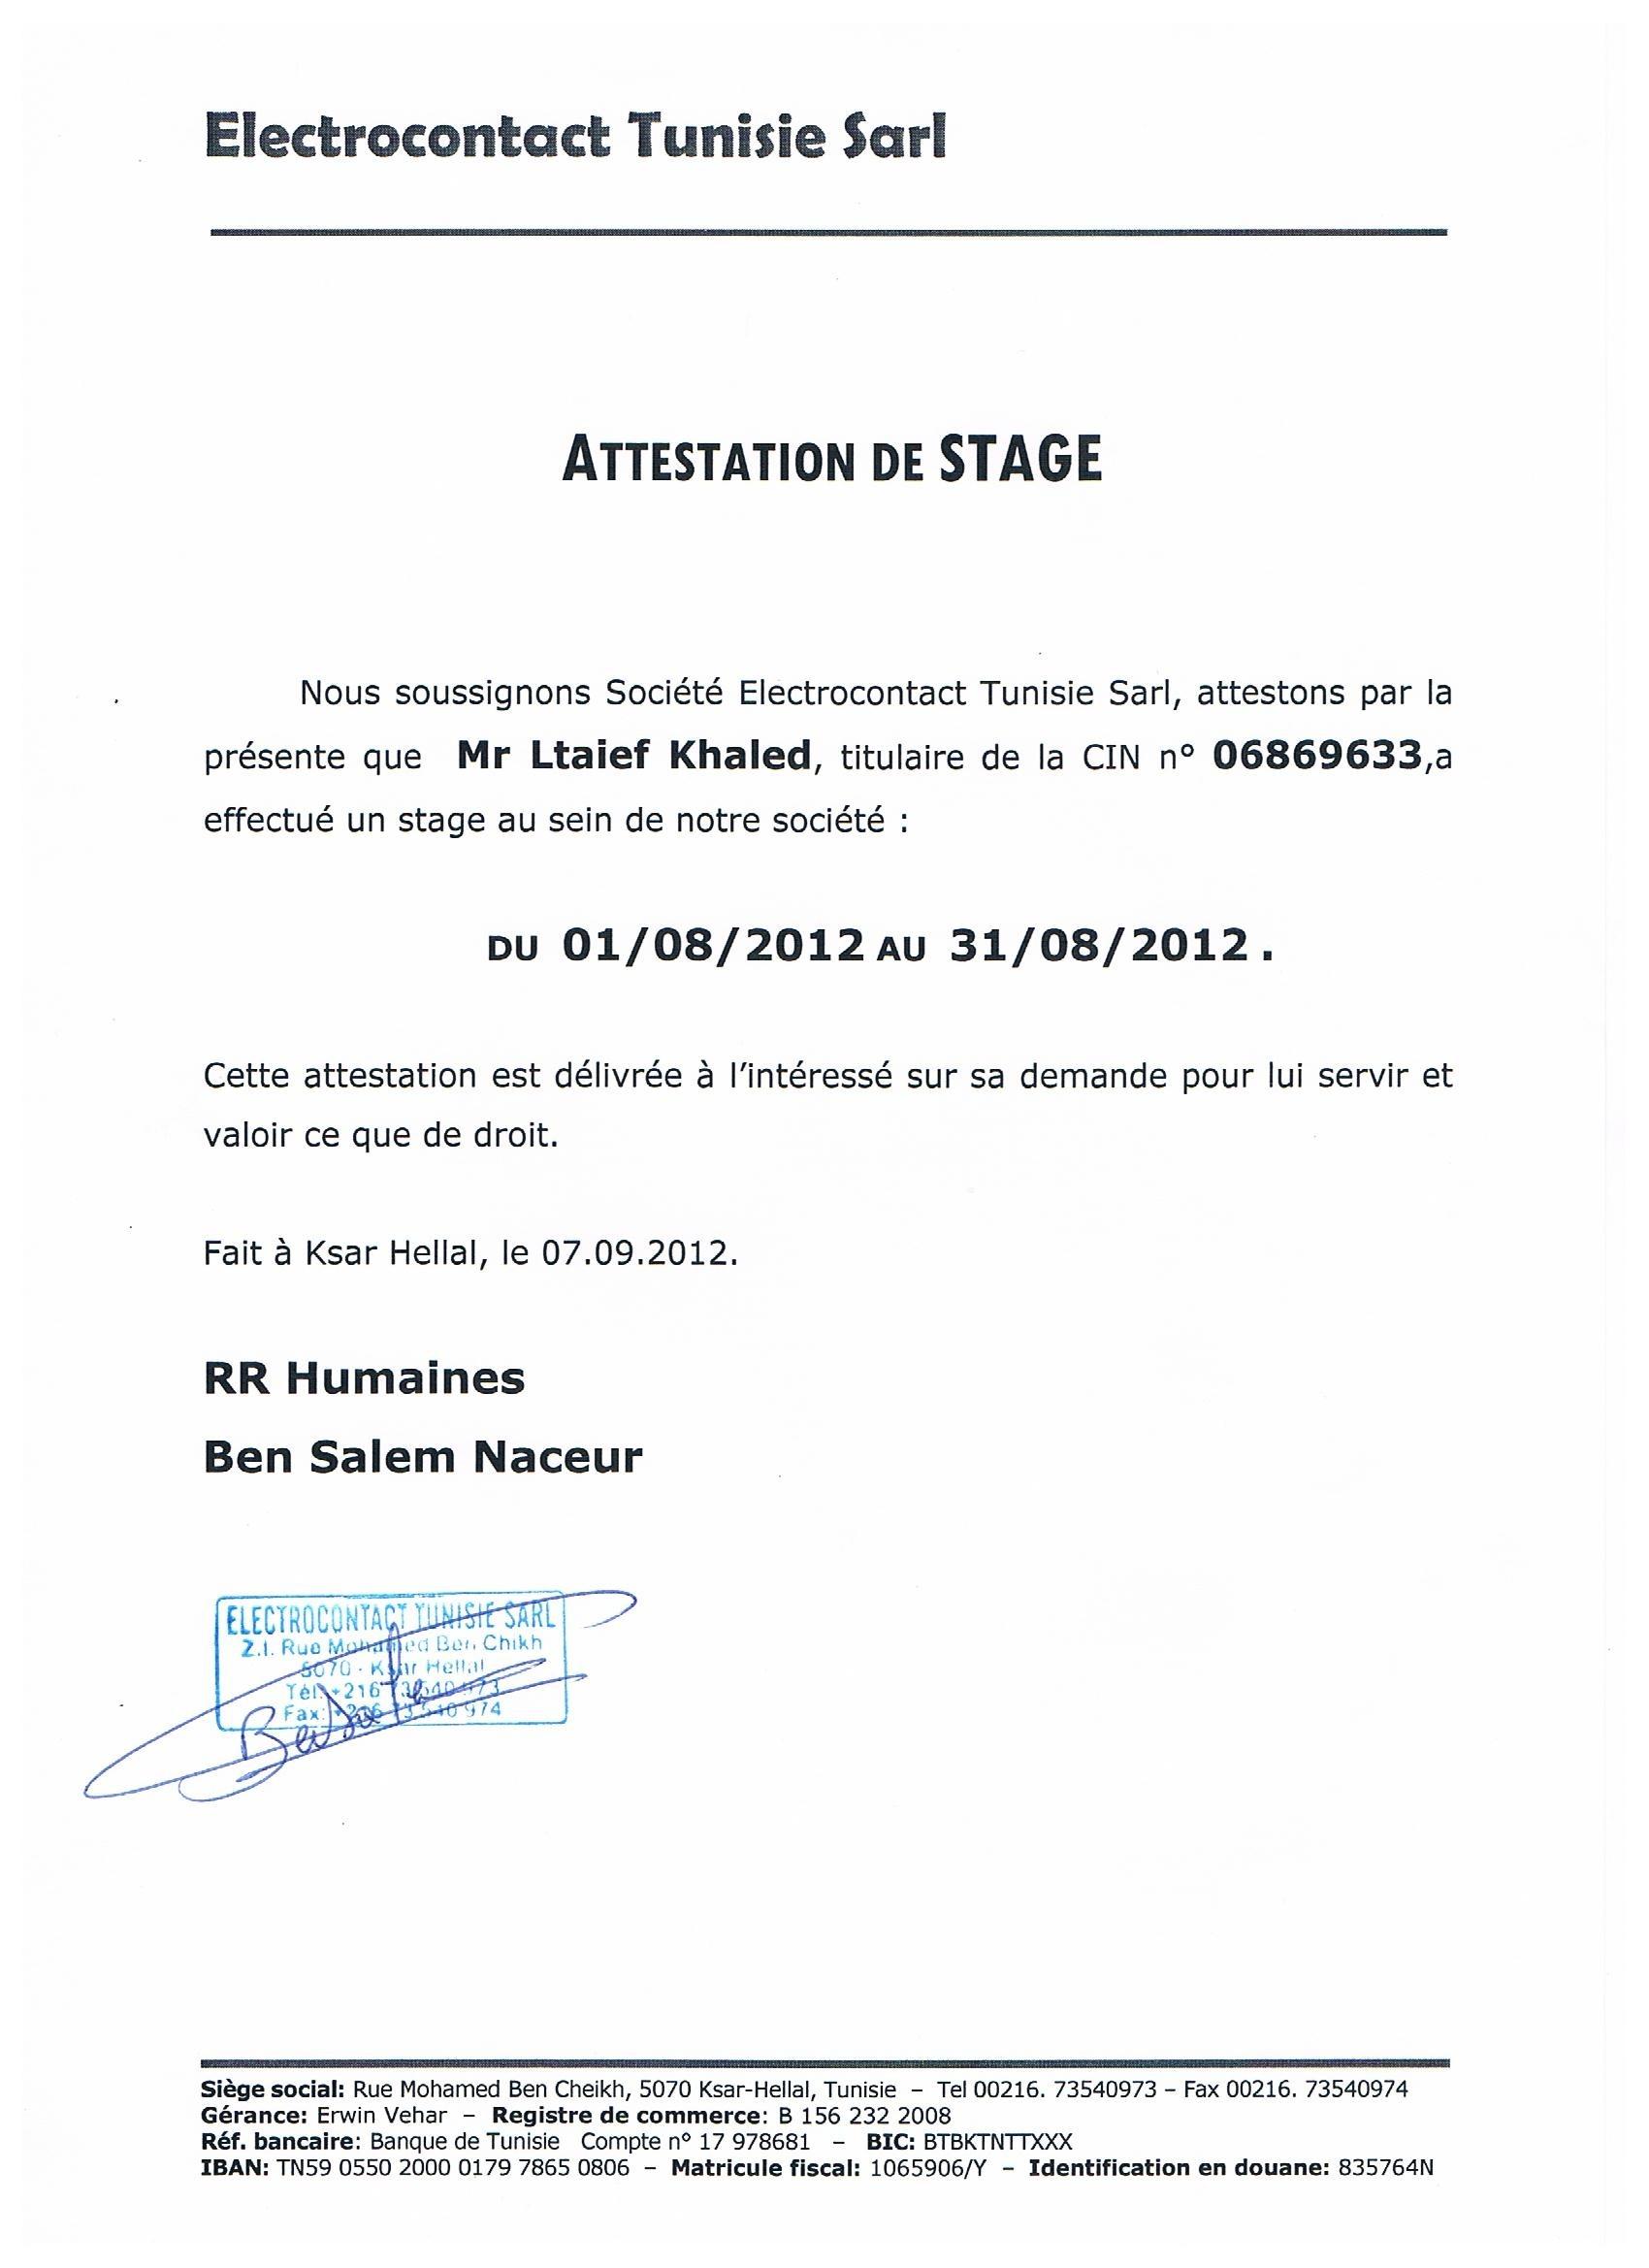 Attestation Pour Servir Et Faire Valoir Ce Que De Droit Resto Sud